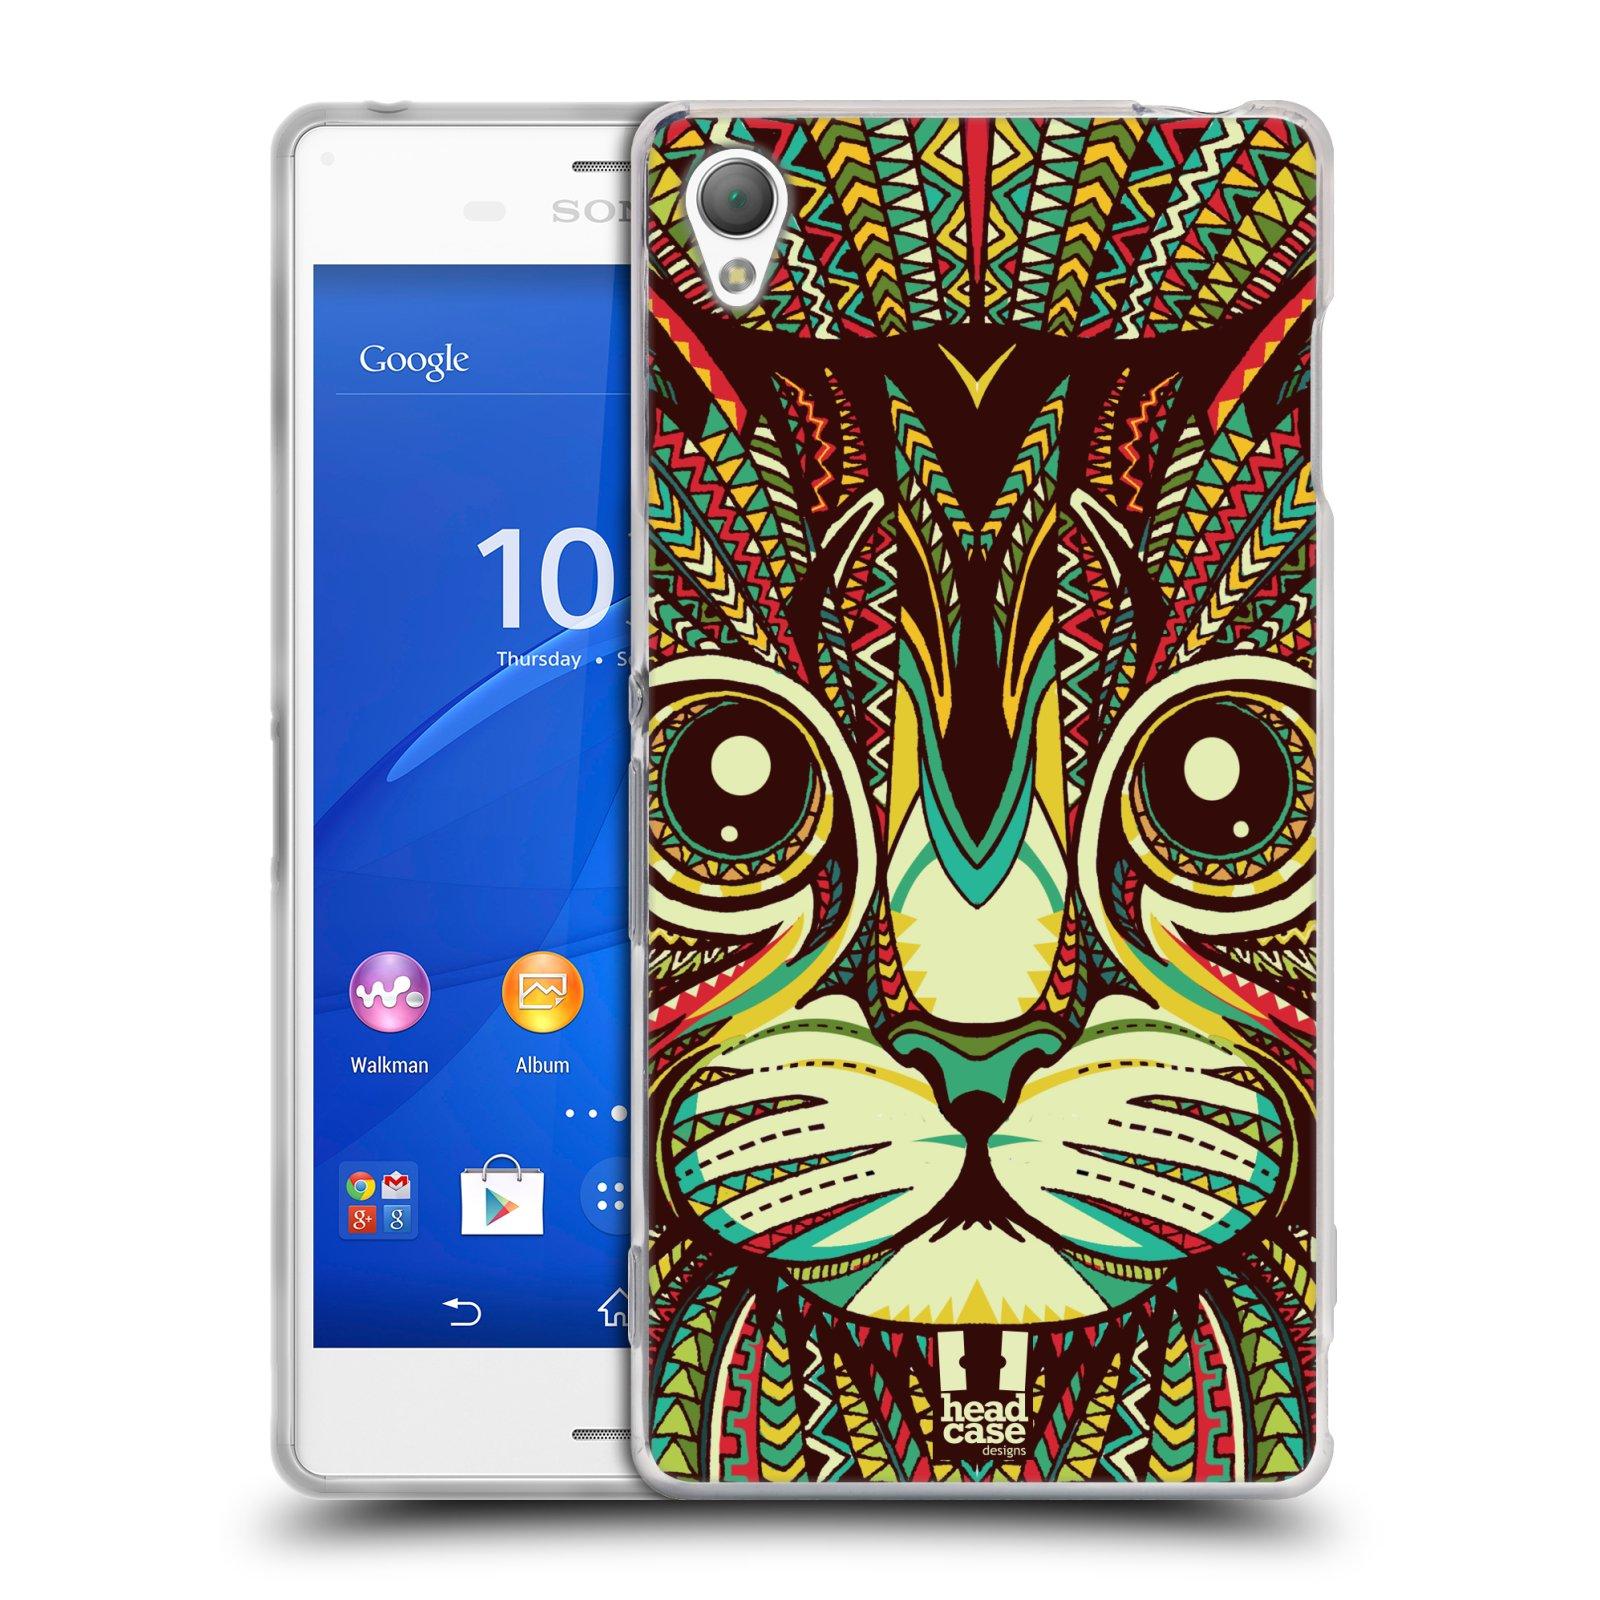 Silikonové pouzdro na mobil Sony Xperia Z3 D6603 HEAD CASE AZTEC KOČKA